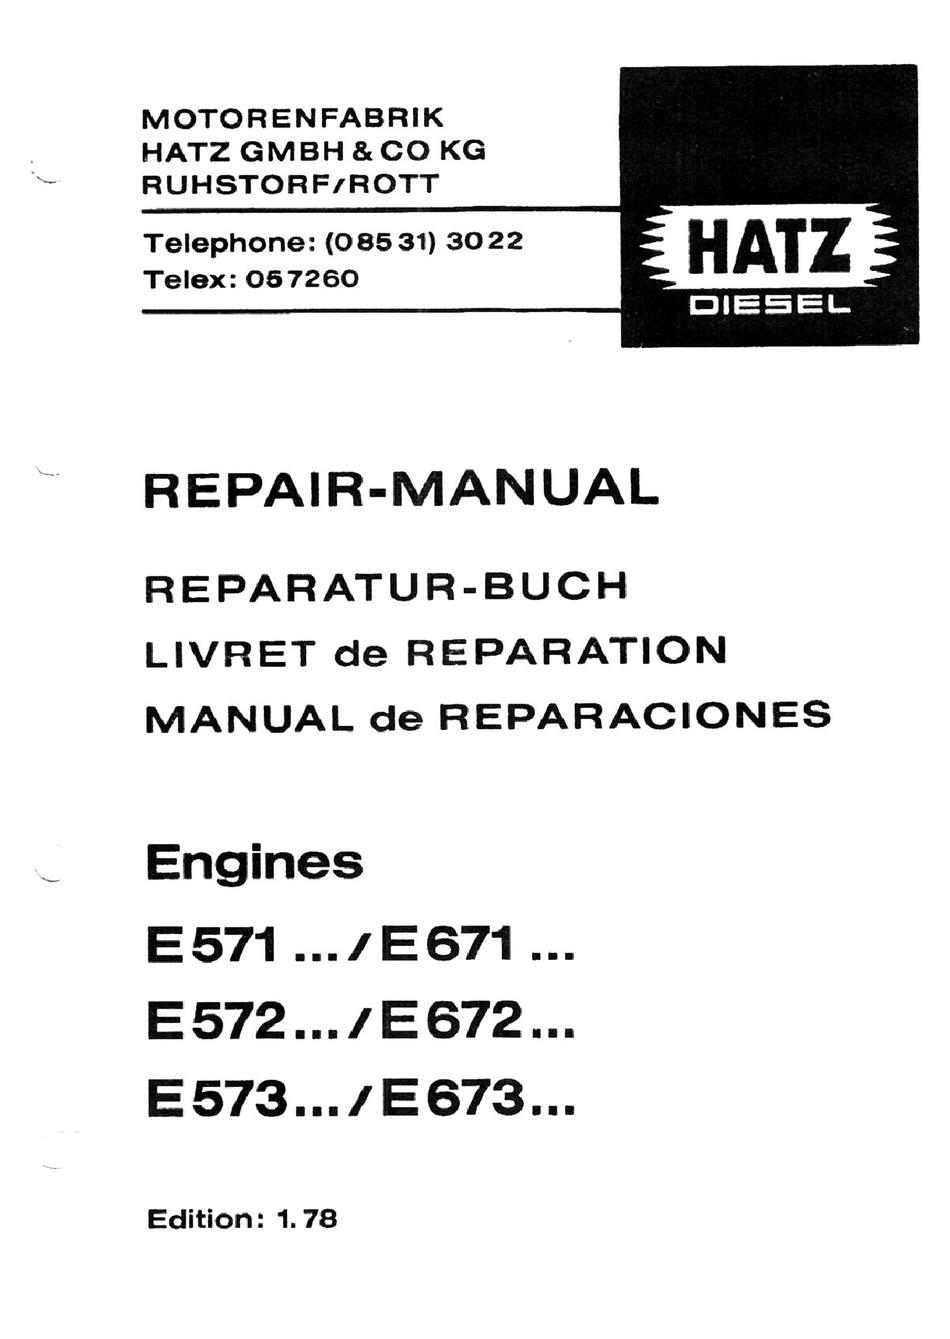 HATZ DIESEL E 571 SERIES REPAIR MANUAL Pdf Download